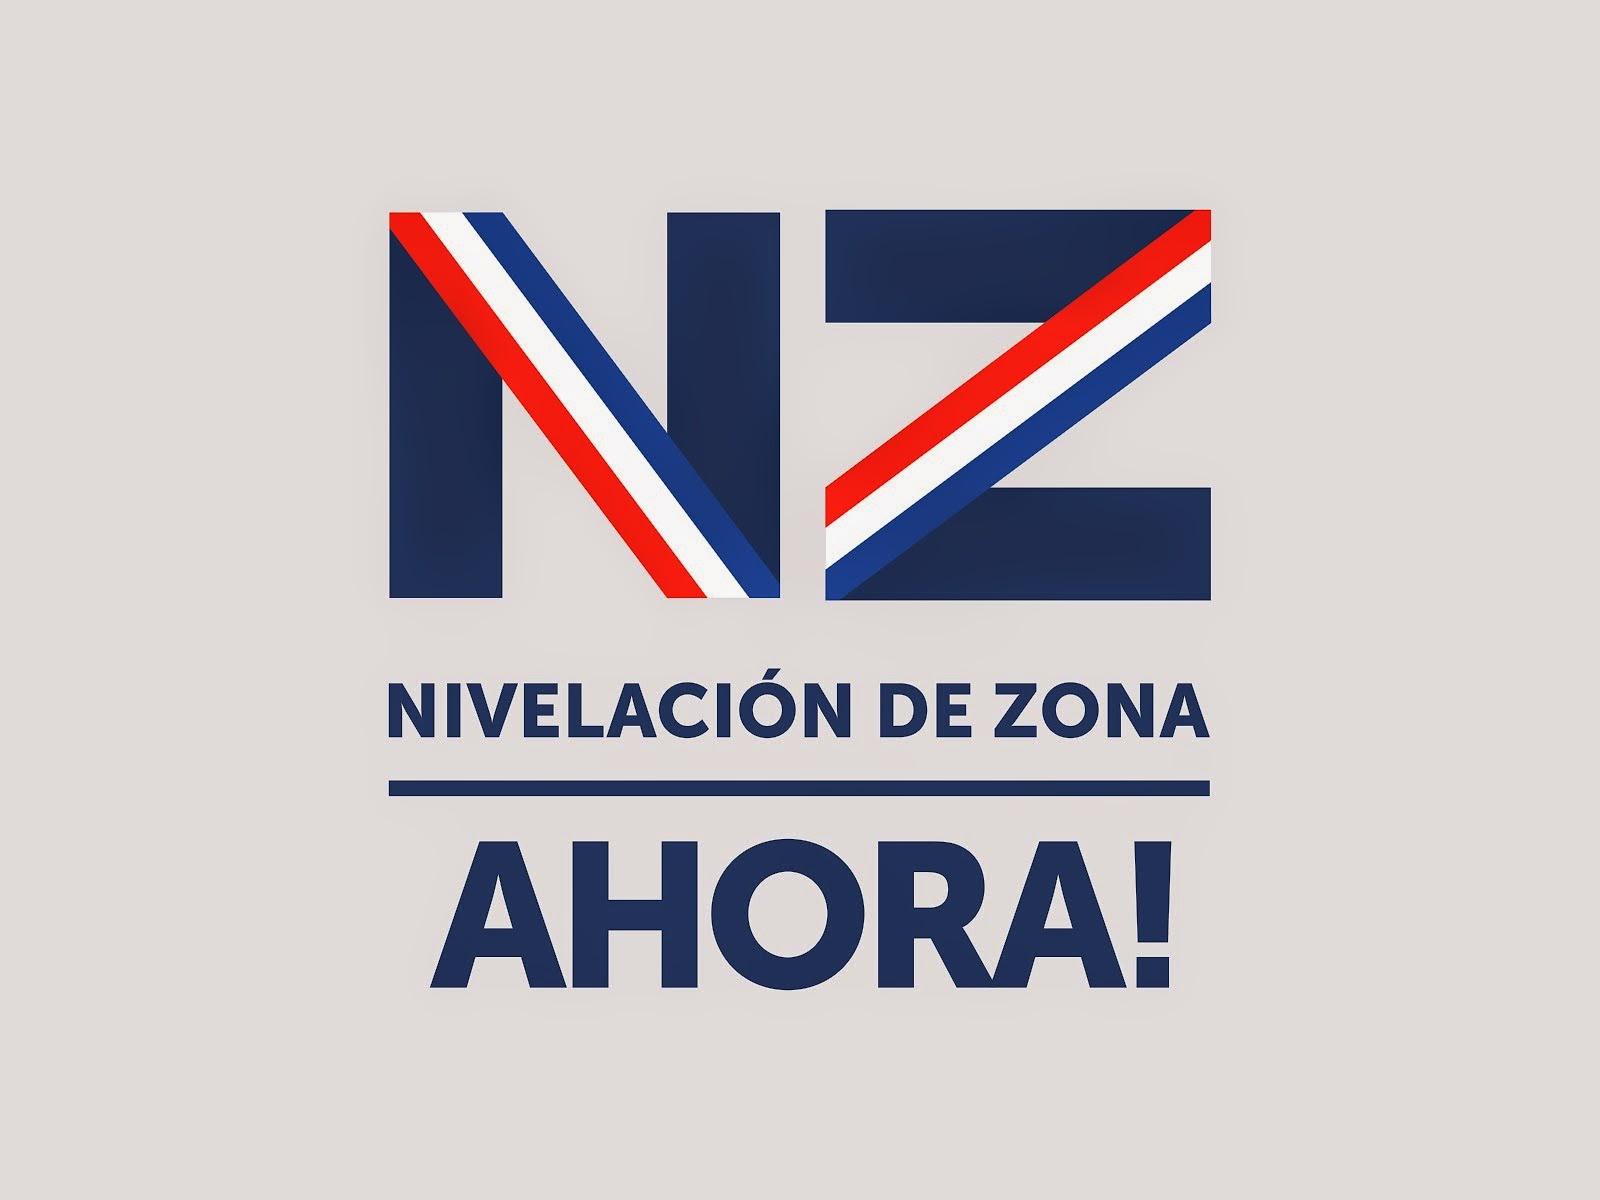 Logo campaña por Nivelación de Zona